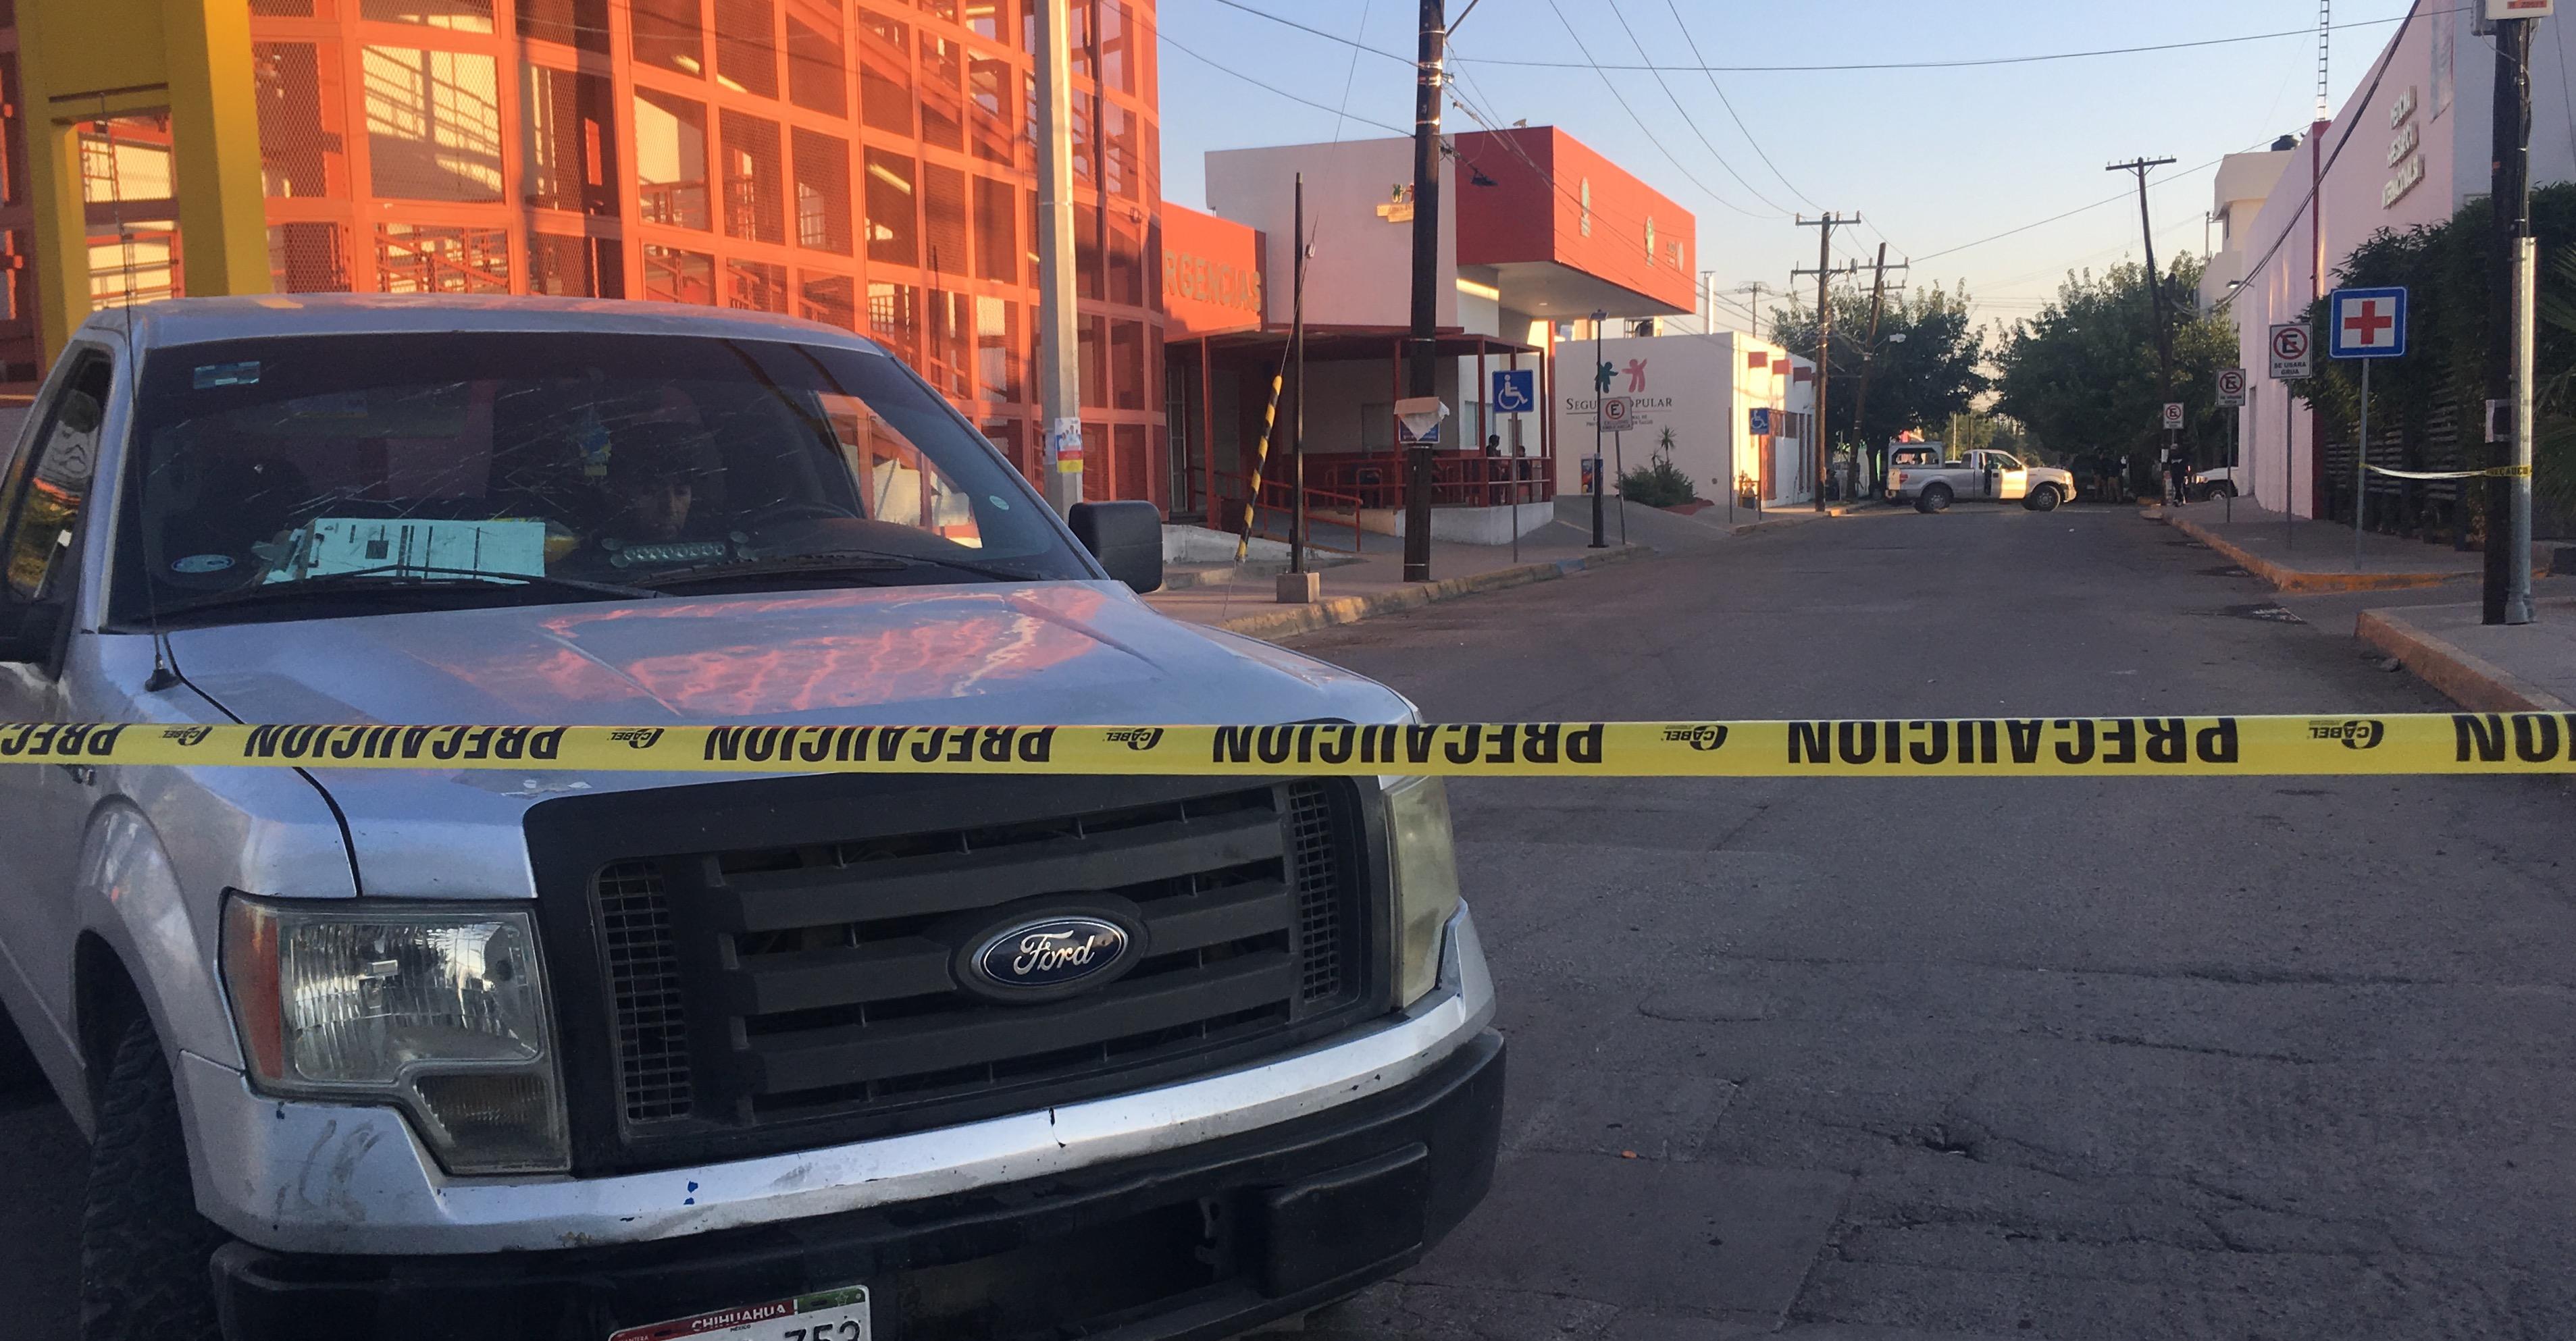 Se enfrentan ministeriales y sicarios, hay una persona muerta en Juárez